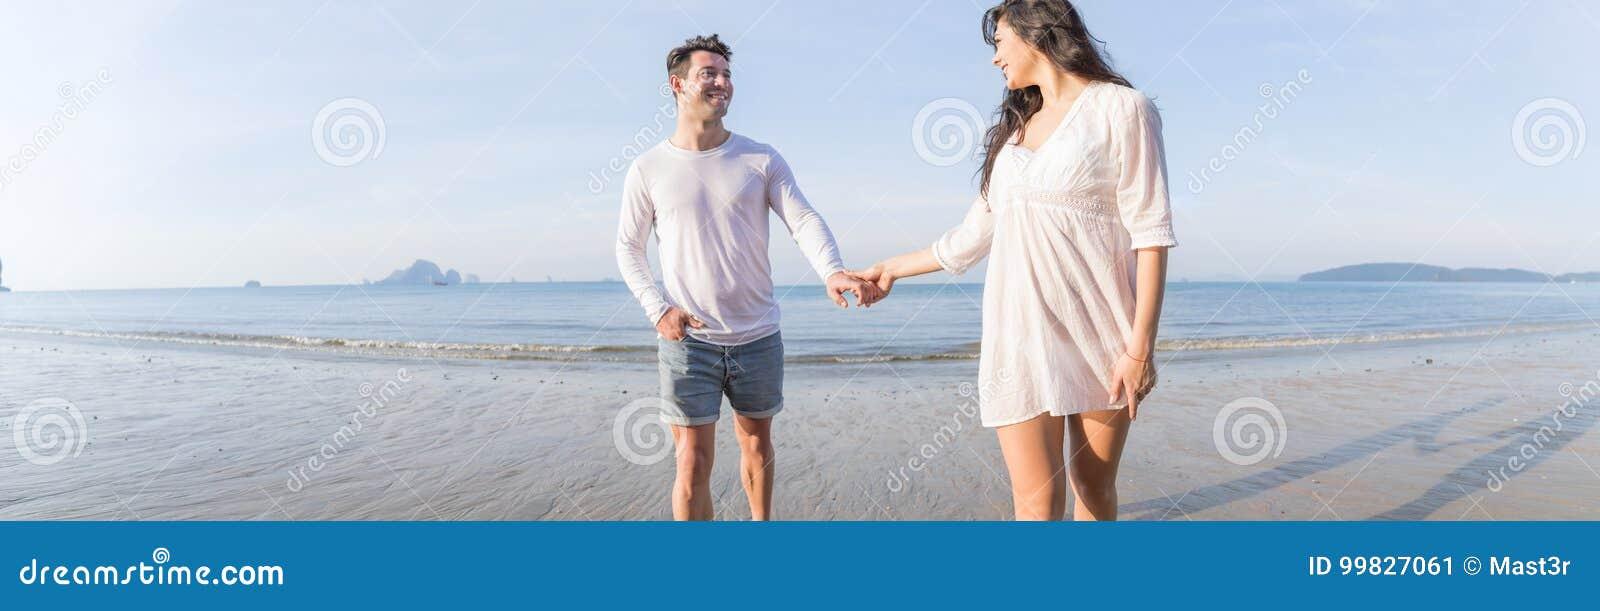 Pares em férias de verão da praia, povos felizes novos bonitos no amor que andam, sorriso da mulher do homem que guarda as mãos